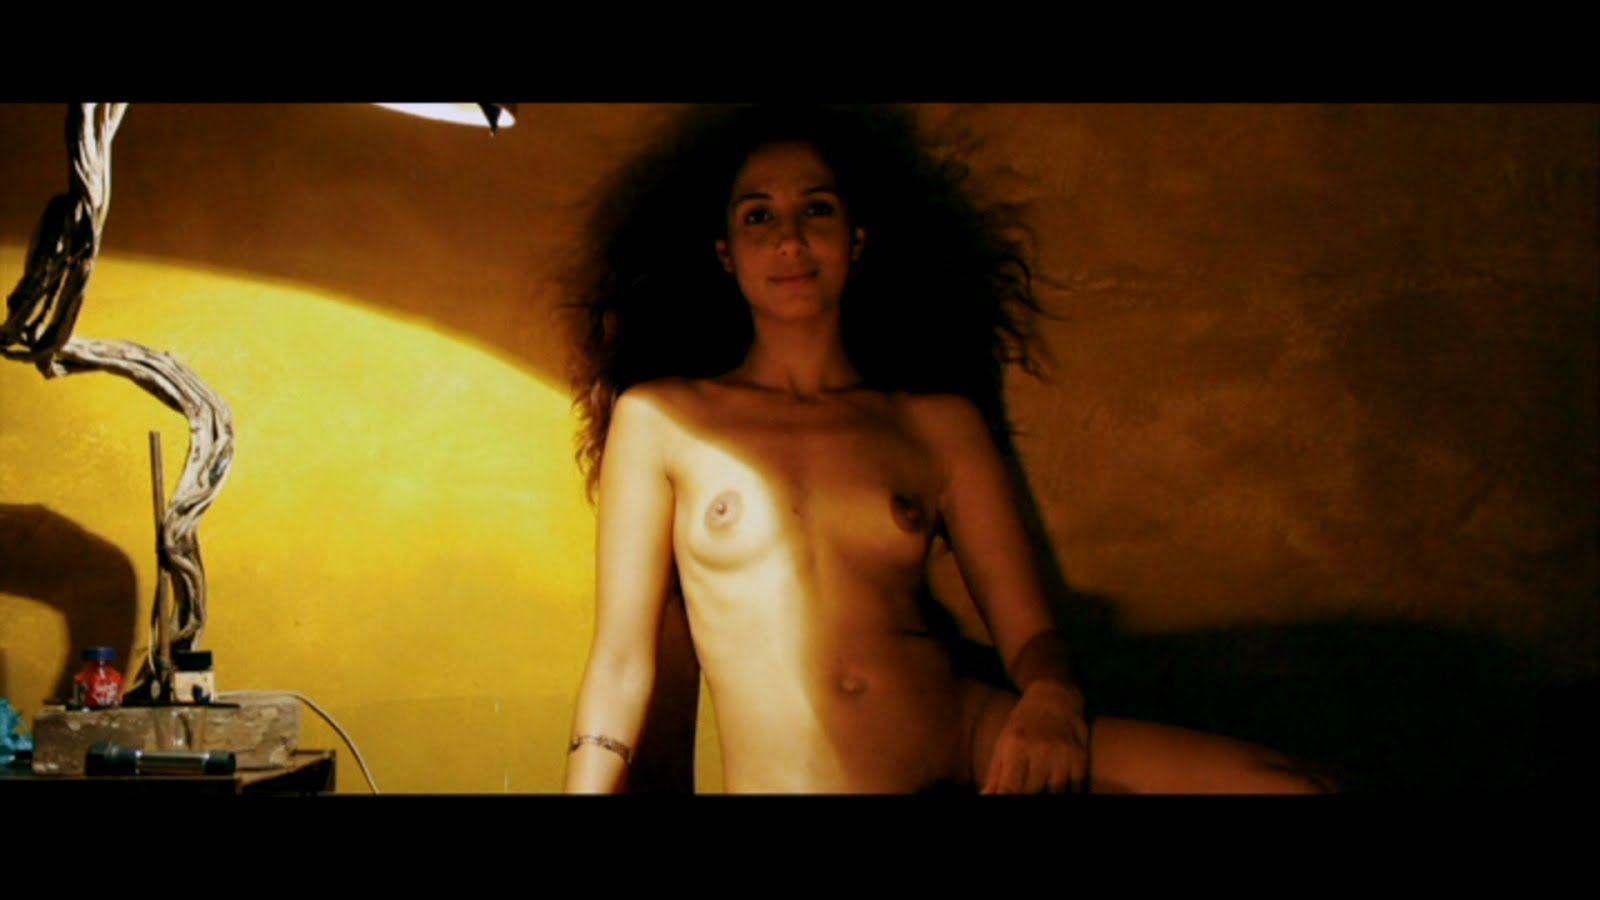 Camila-pitanga-transando-em-cena-de-filme-6